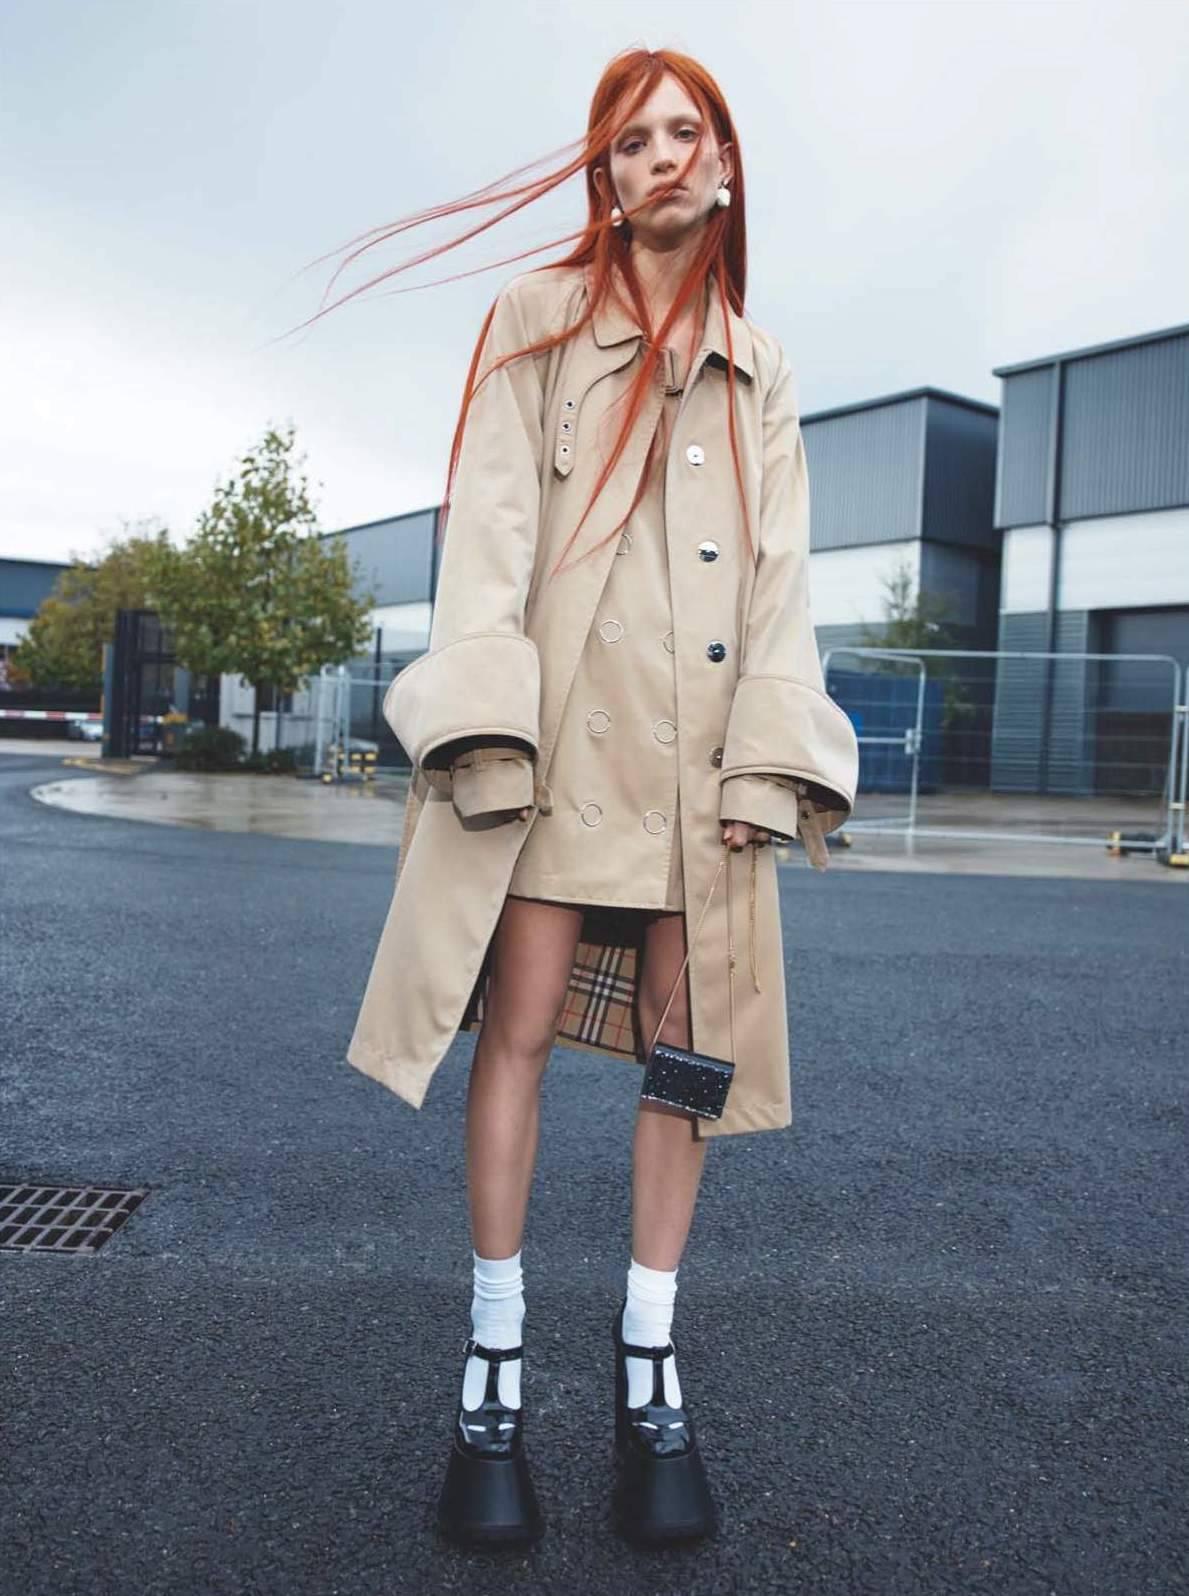 Willy Vanderperre A New Dawn Vogue UK Feb 2019 (8).jpg